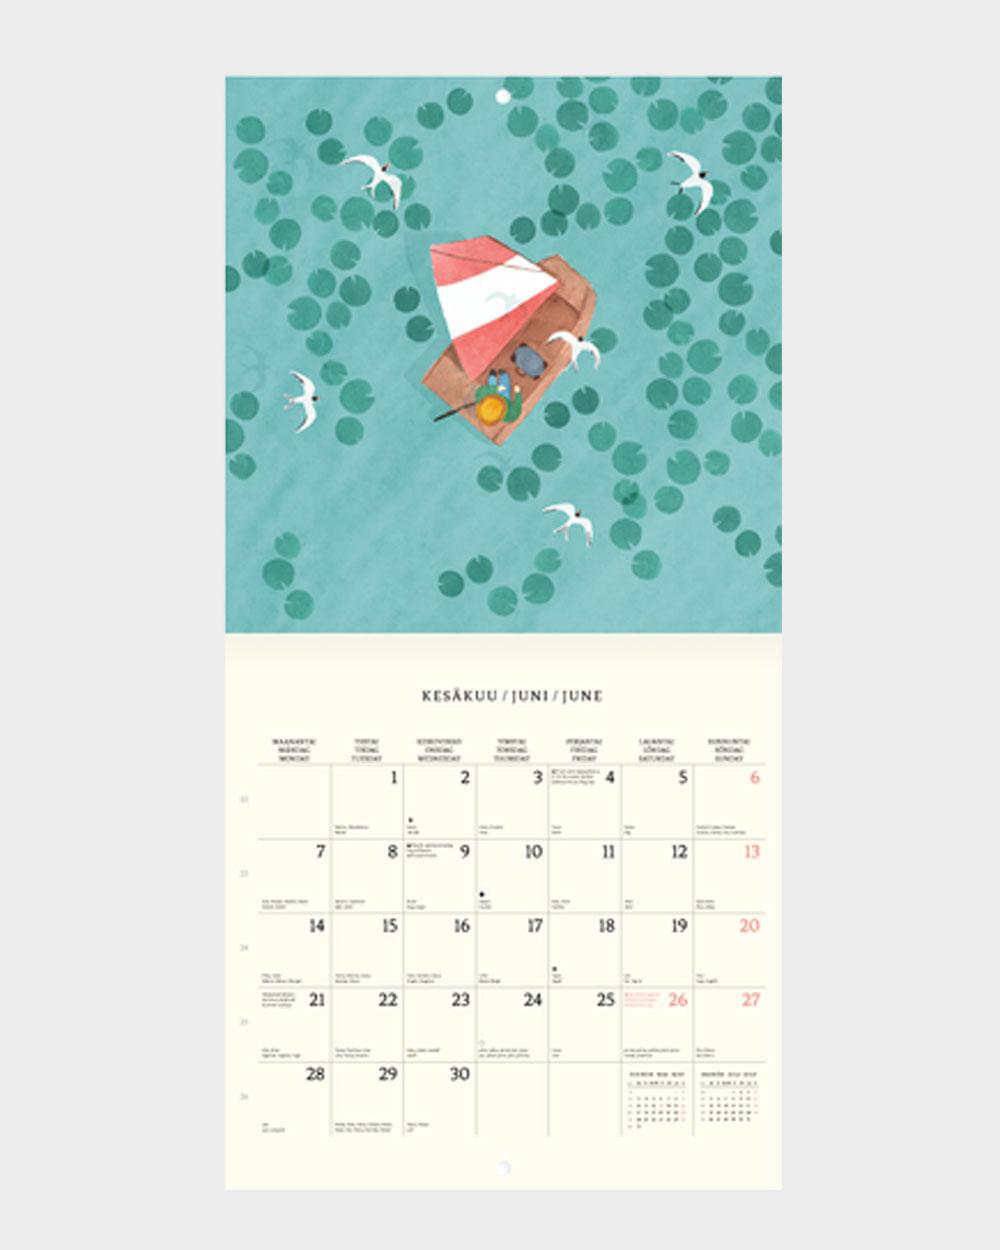 Polka Paper seinäkalenteri 2022 kesäkuu